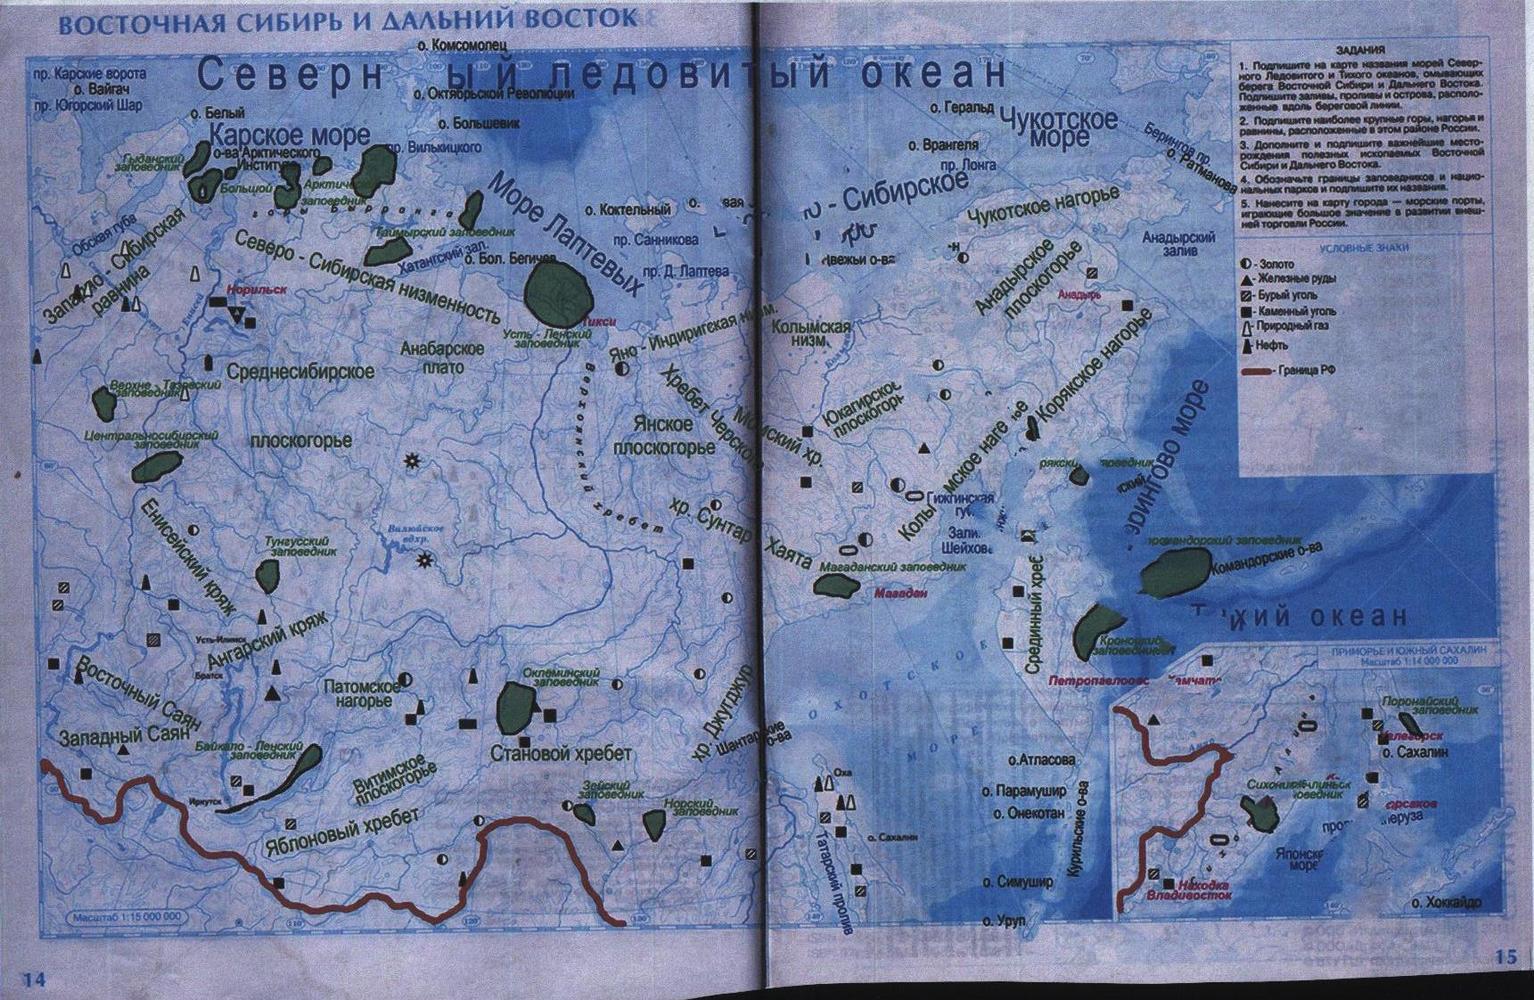 сибирь карты дальний гдз контурные восток восточная класс 9 и